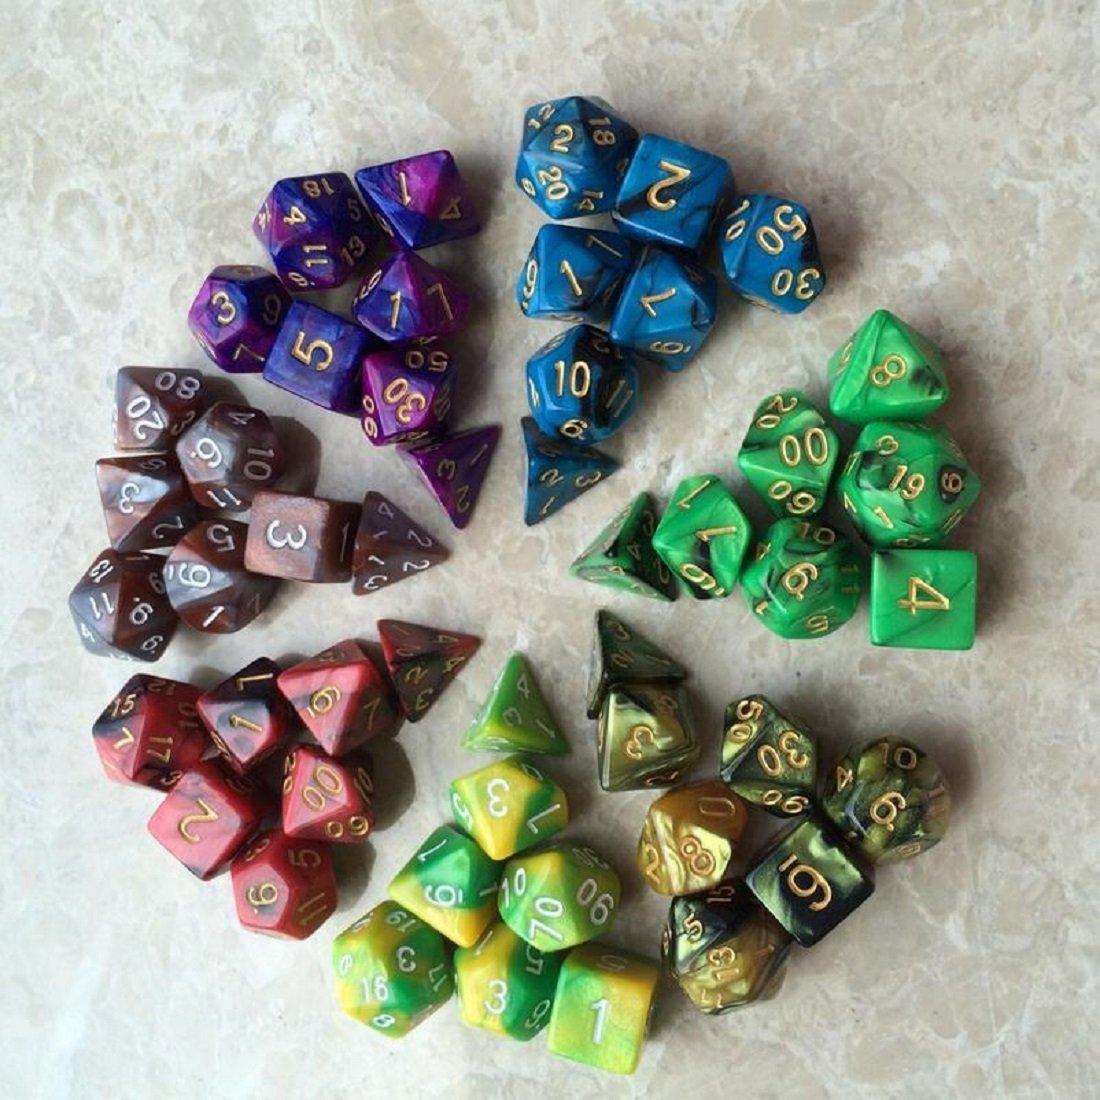 ホットセール 7 X 7 d8 ( ( 49ピース) Polyhedral Dice完了のセットd4 B07387DJJB d6 d8 d10 d12 d20のテーブルゲームw3179 B07387DJJB, シズショッピングサイト:742a7f09 --- arianechie.dominiotemporario.com